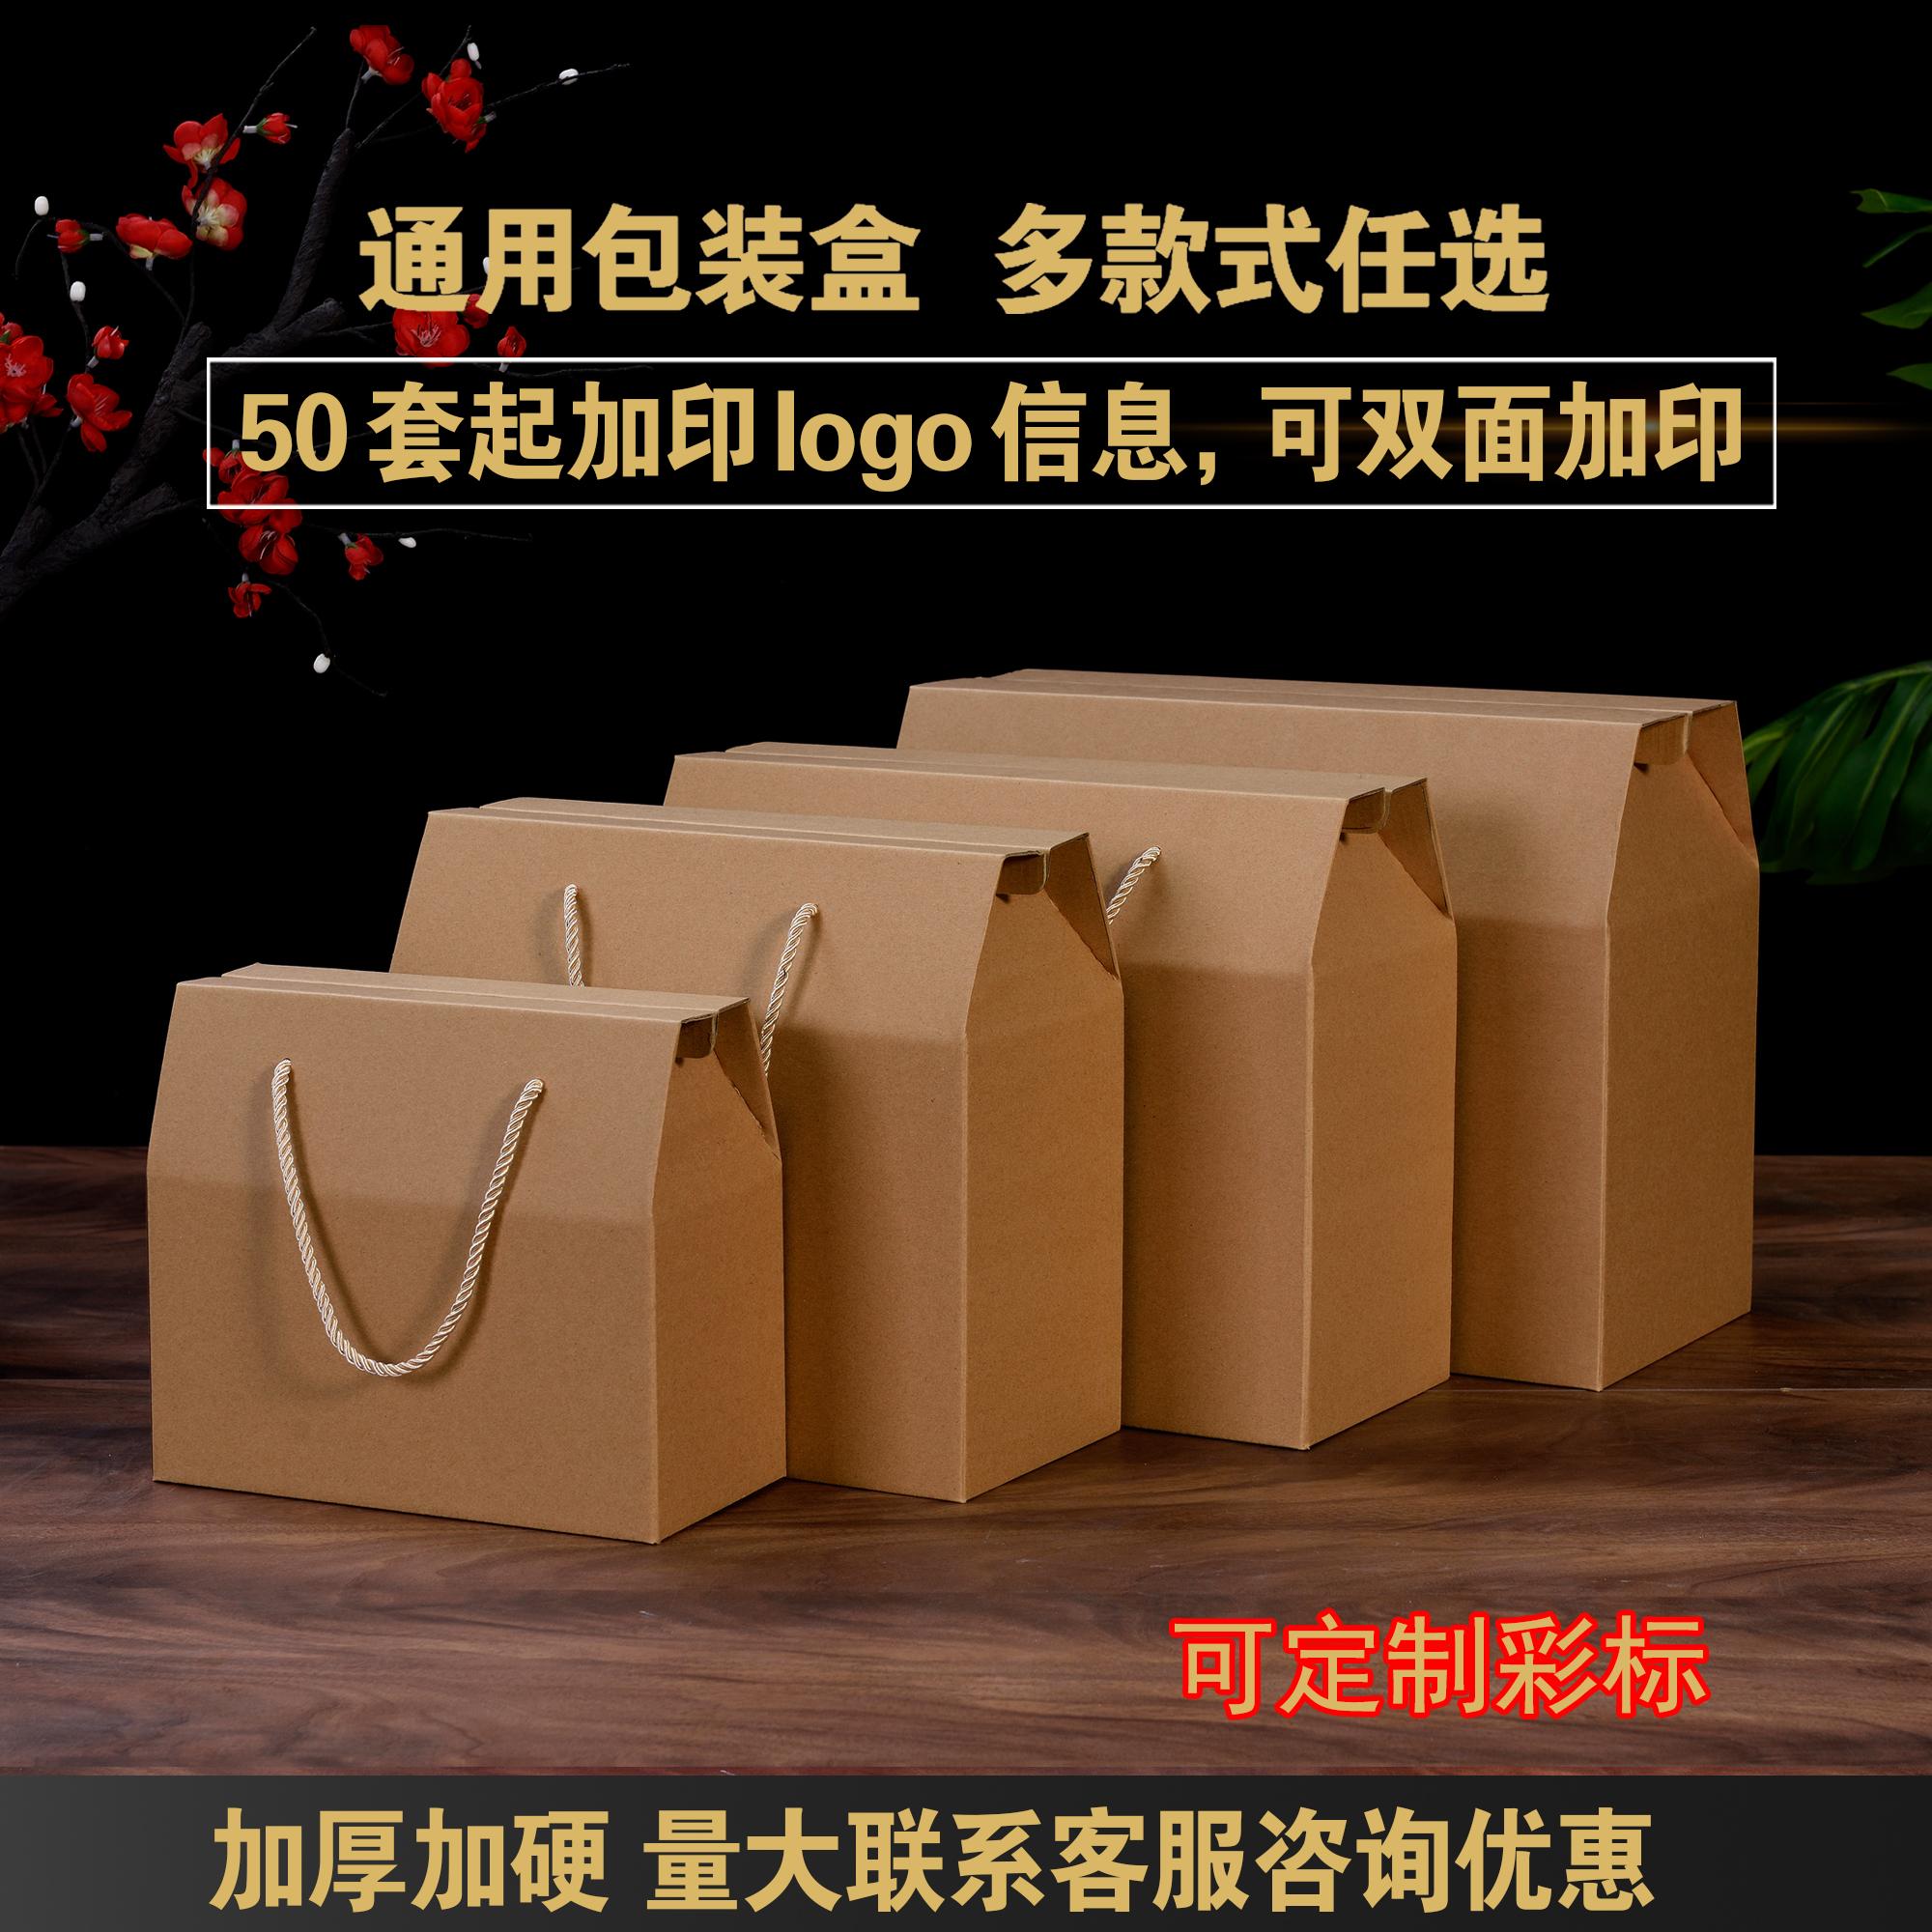 年货礼品盒特产礼盒干货土熟食腊味手提盒子牛皮纸包装盒空盒定制